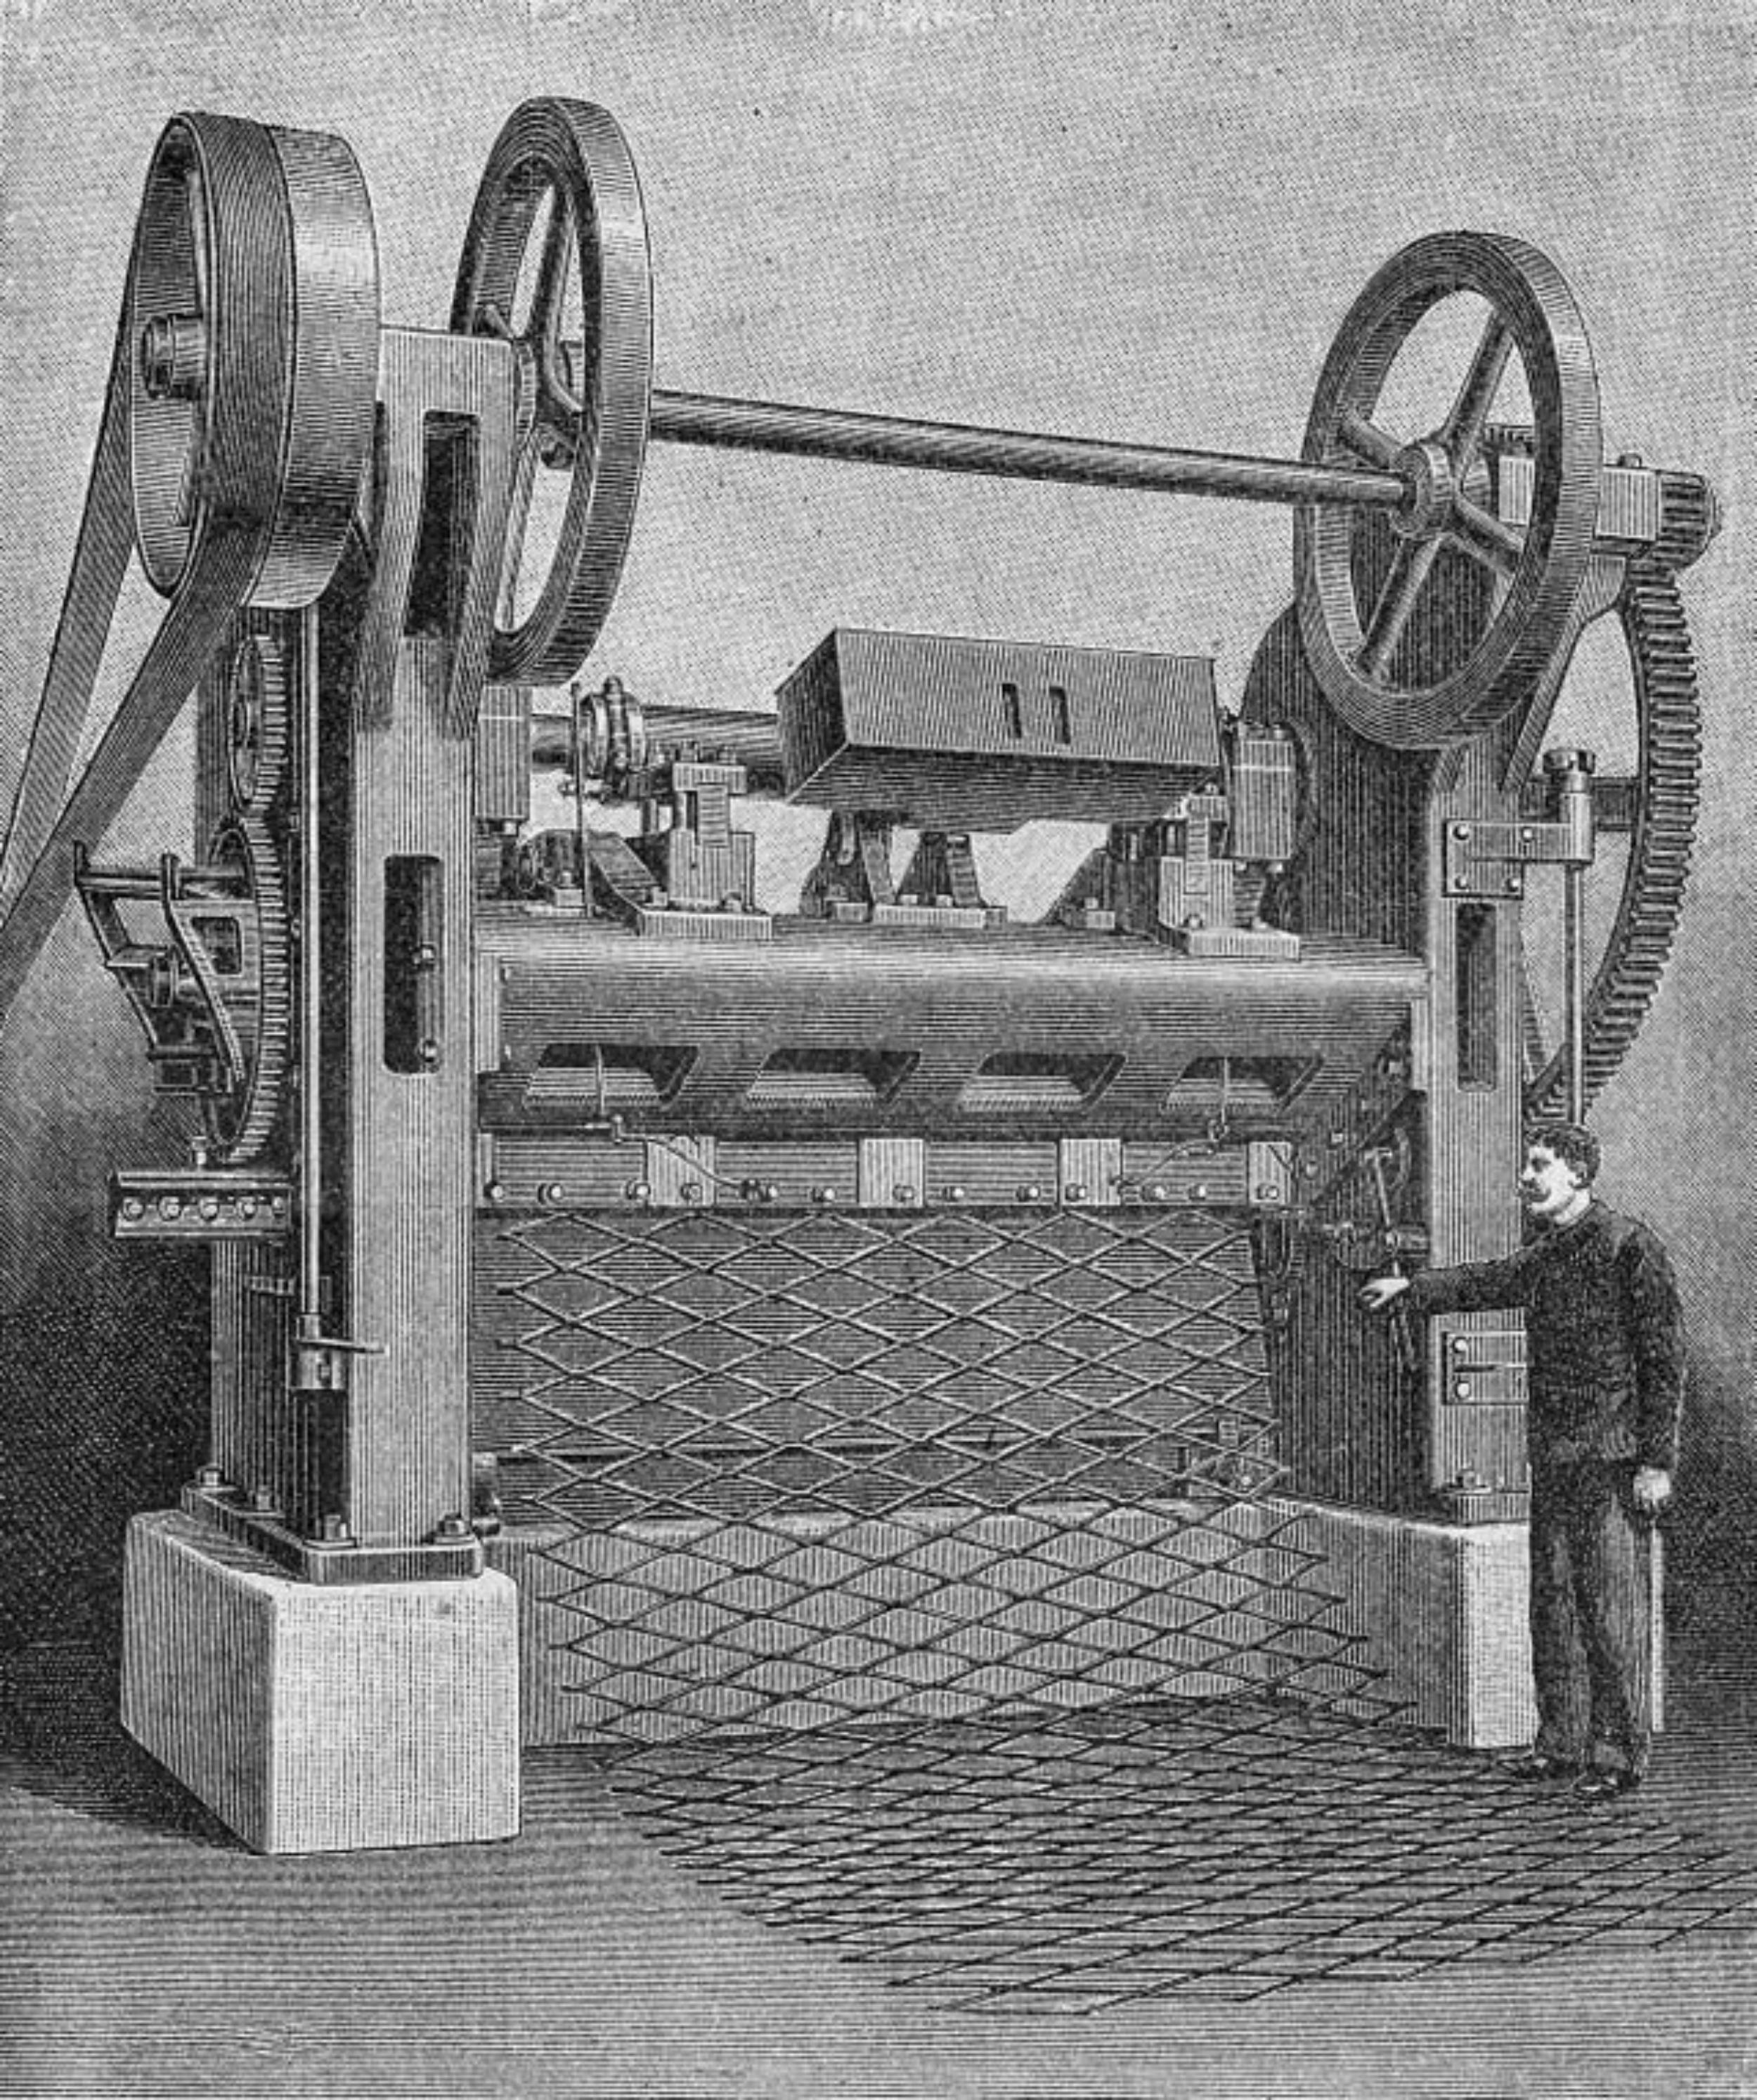 Primera Maquina para realizar el metal deployé. Berlin 1899